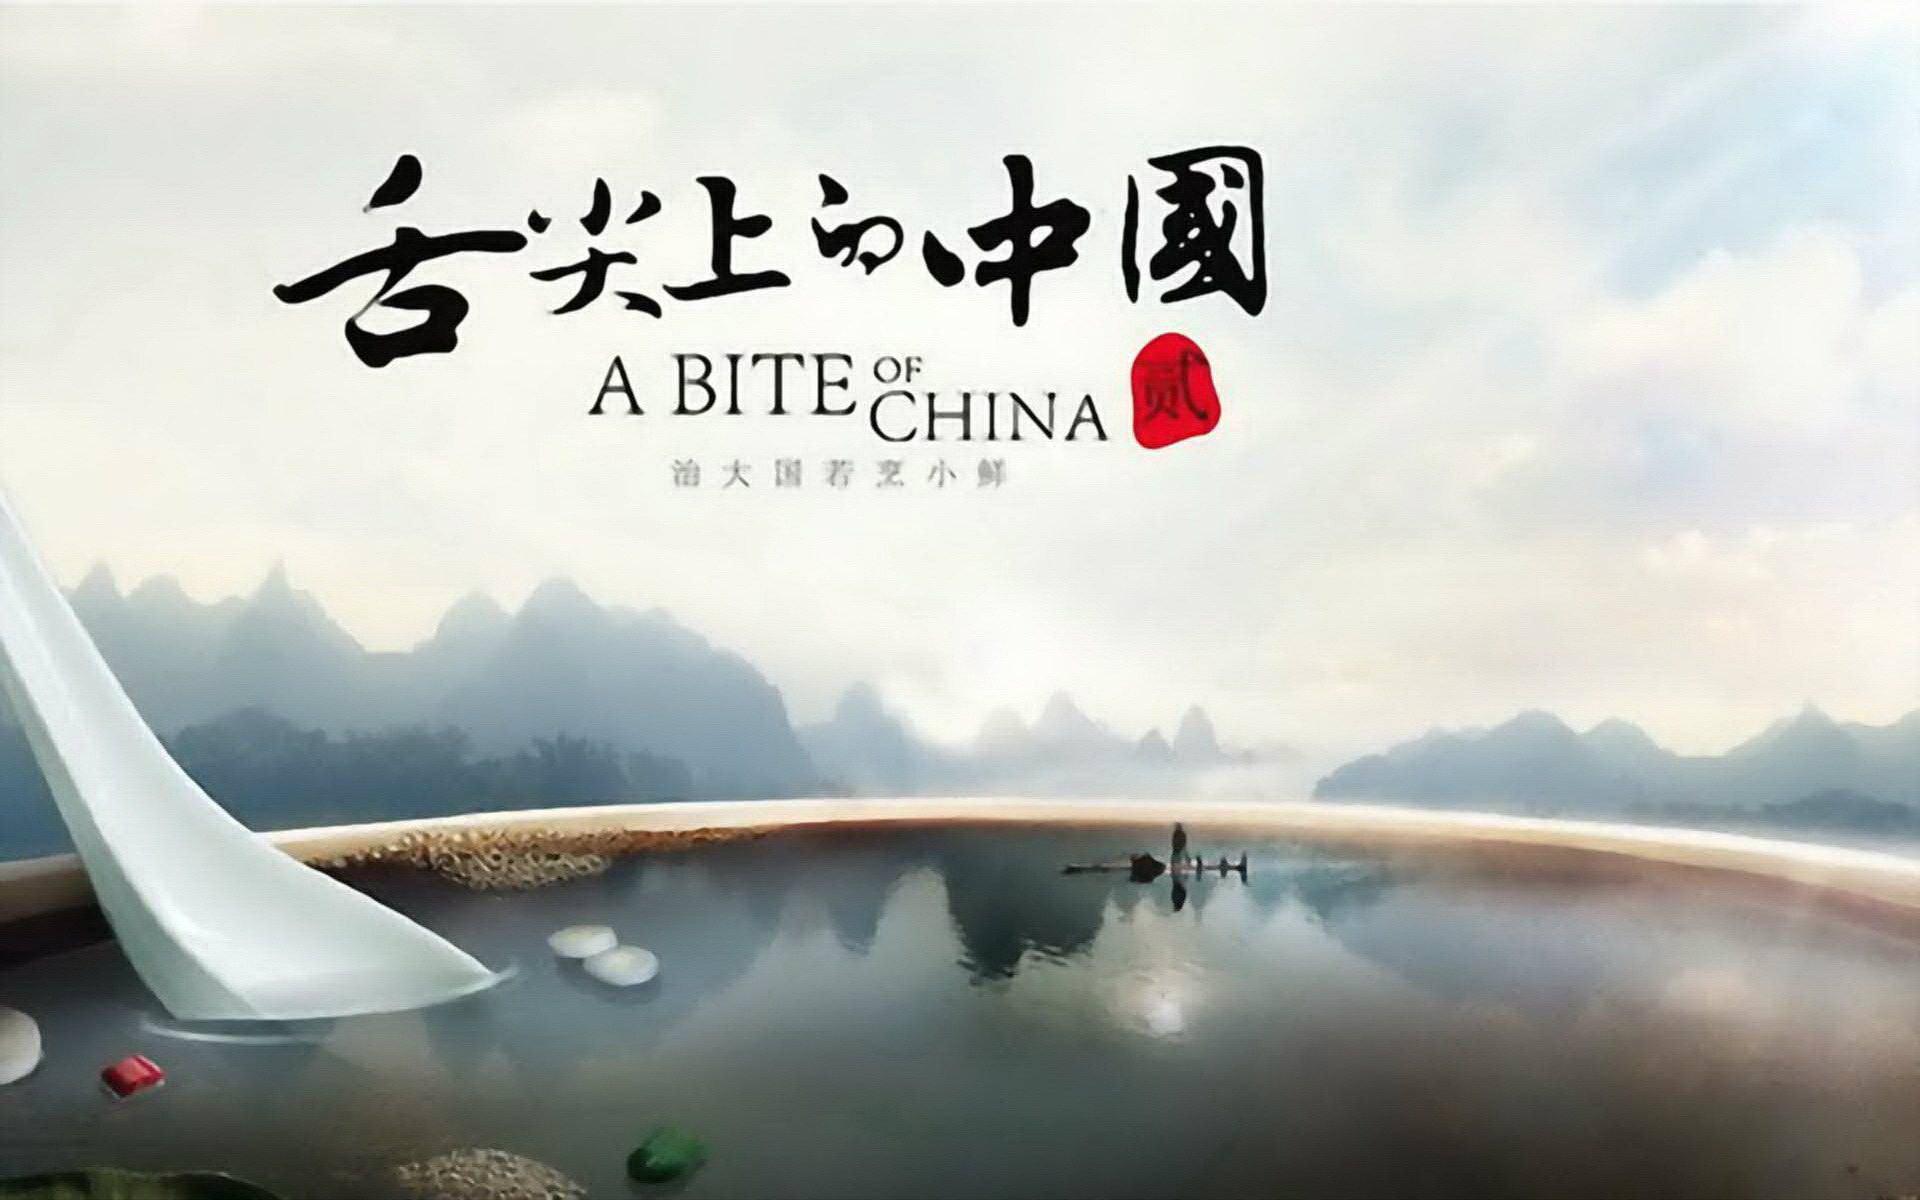 舌尖上的中国1直播_读书/《舌尖上的中国2》第四章/家常_日常_生活_bilibili_哔哩哔哩